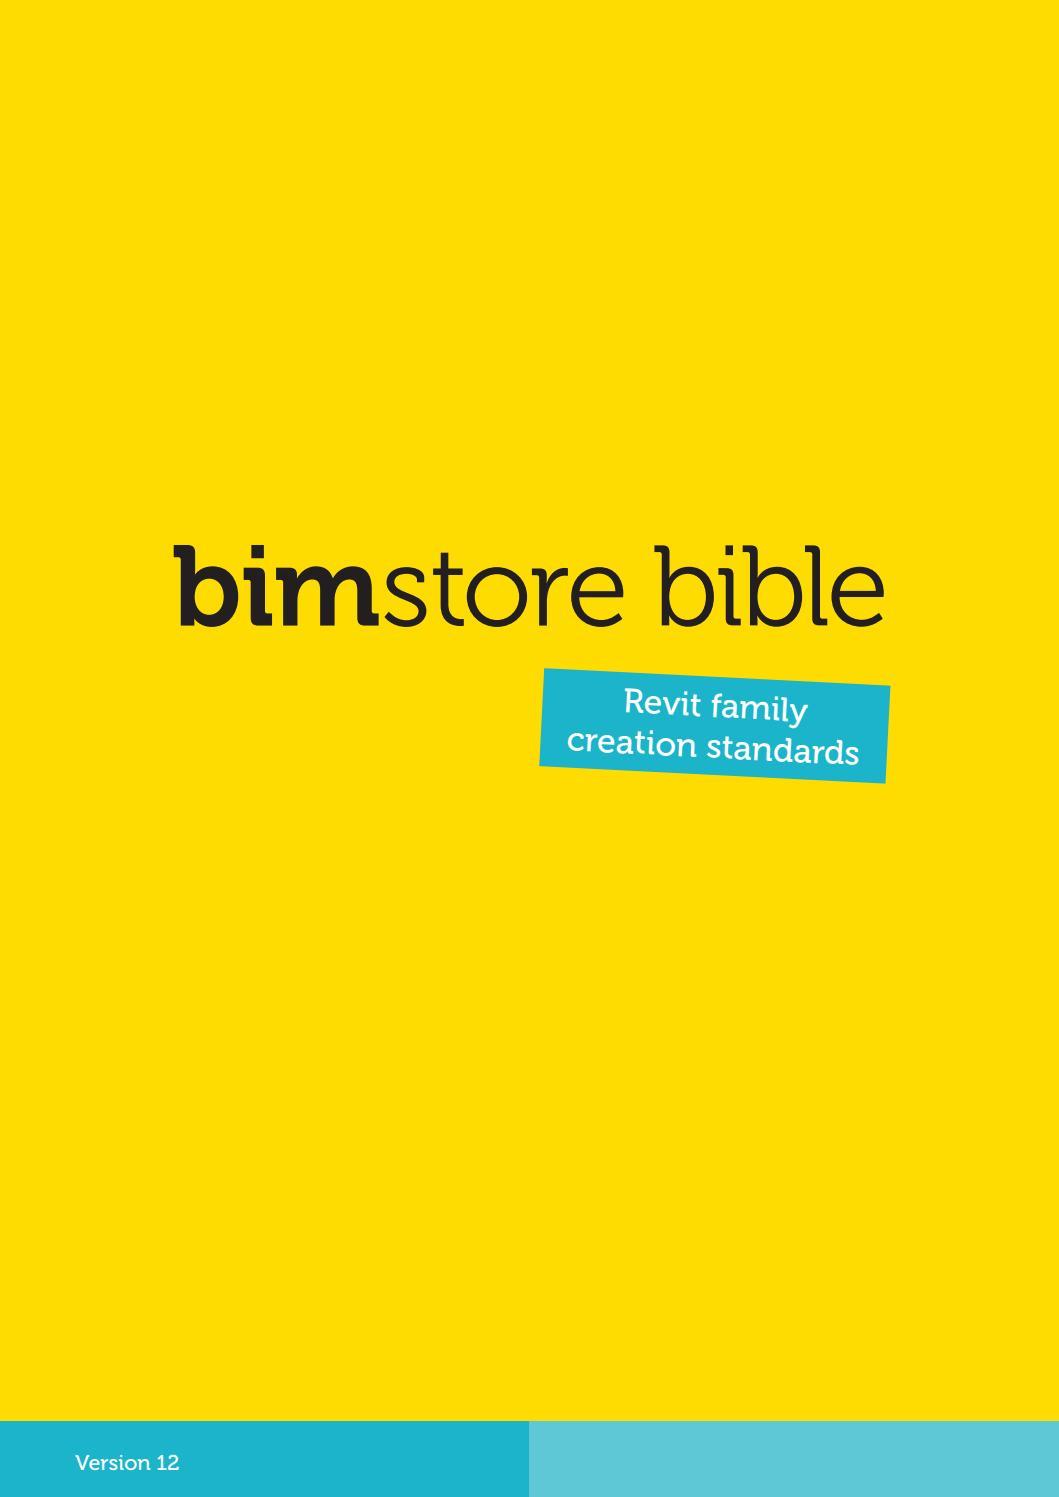 Revit Family Creation Standards - BIMstore Bible (V12 - 2014